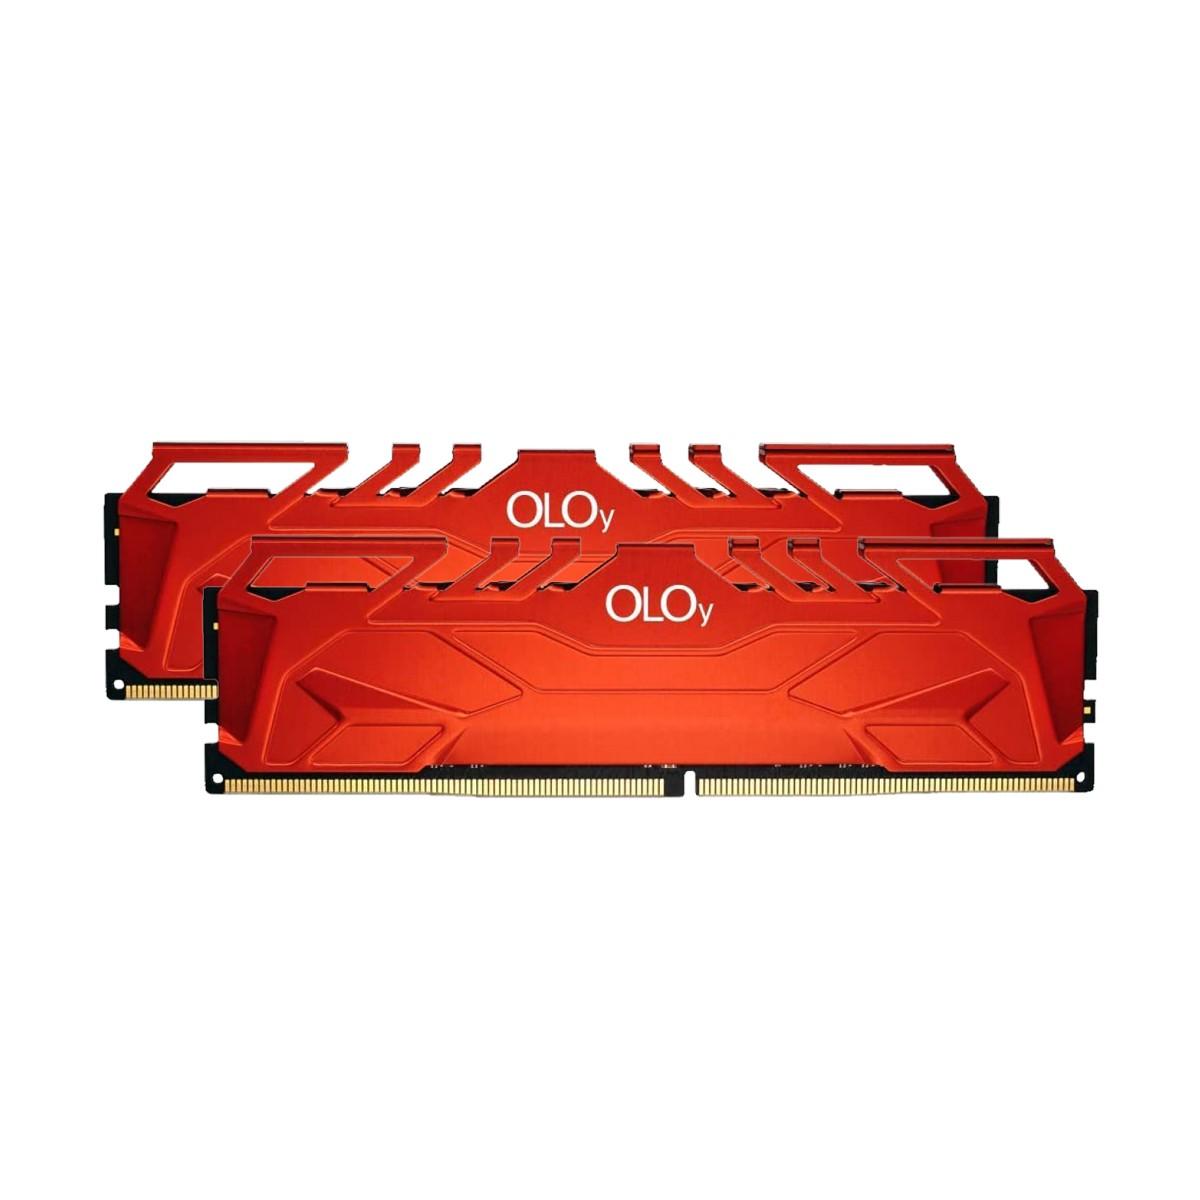 Memória DDR4 OLOy Owl Red, 32GB (2X16GB), 3000MHz, Red, MD4U163016CFDA